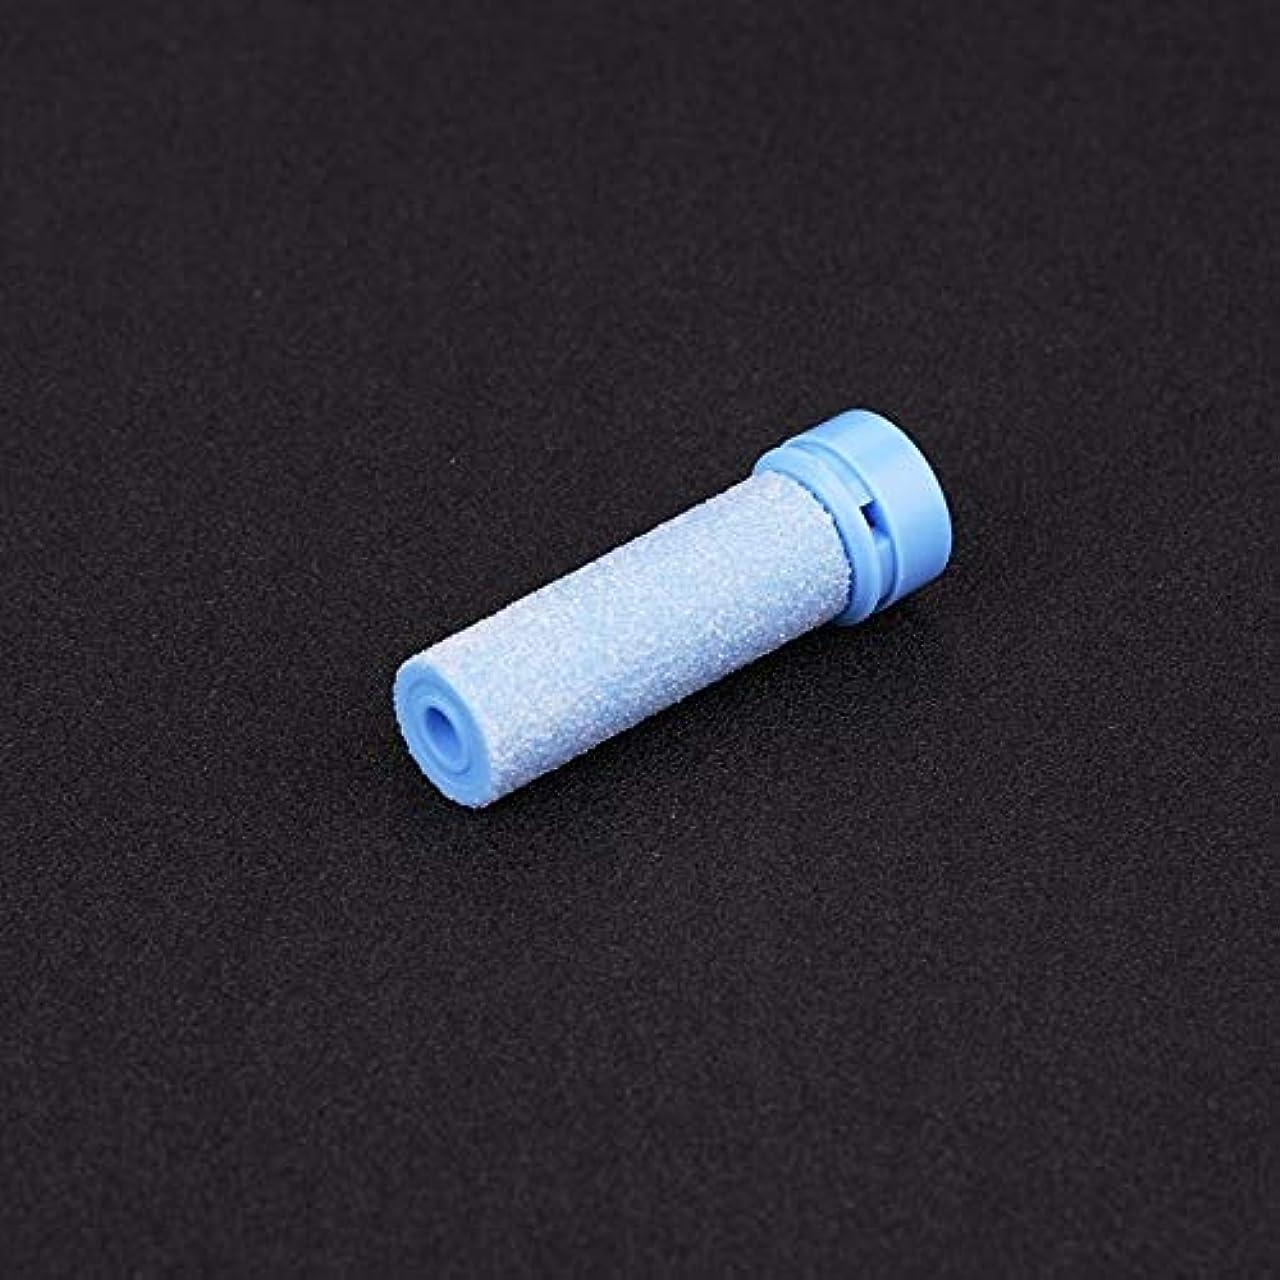 近々徒歩で粘土CELINEZL CELINEZL交換用研磨ローラーペディキュアフットケアカルスリムーバーヘッドフットファイルローラースキンリムーバーアクセサリー